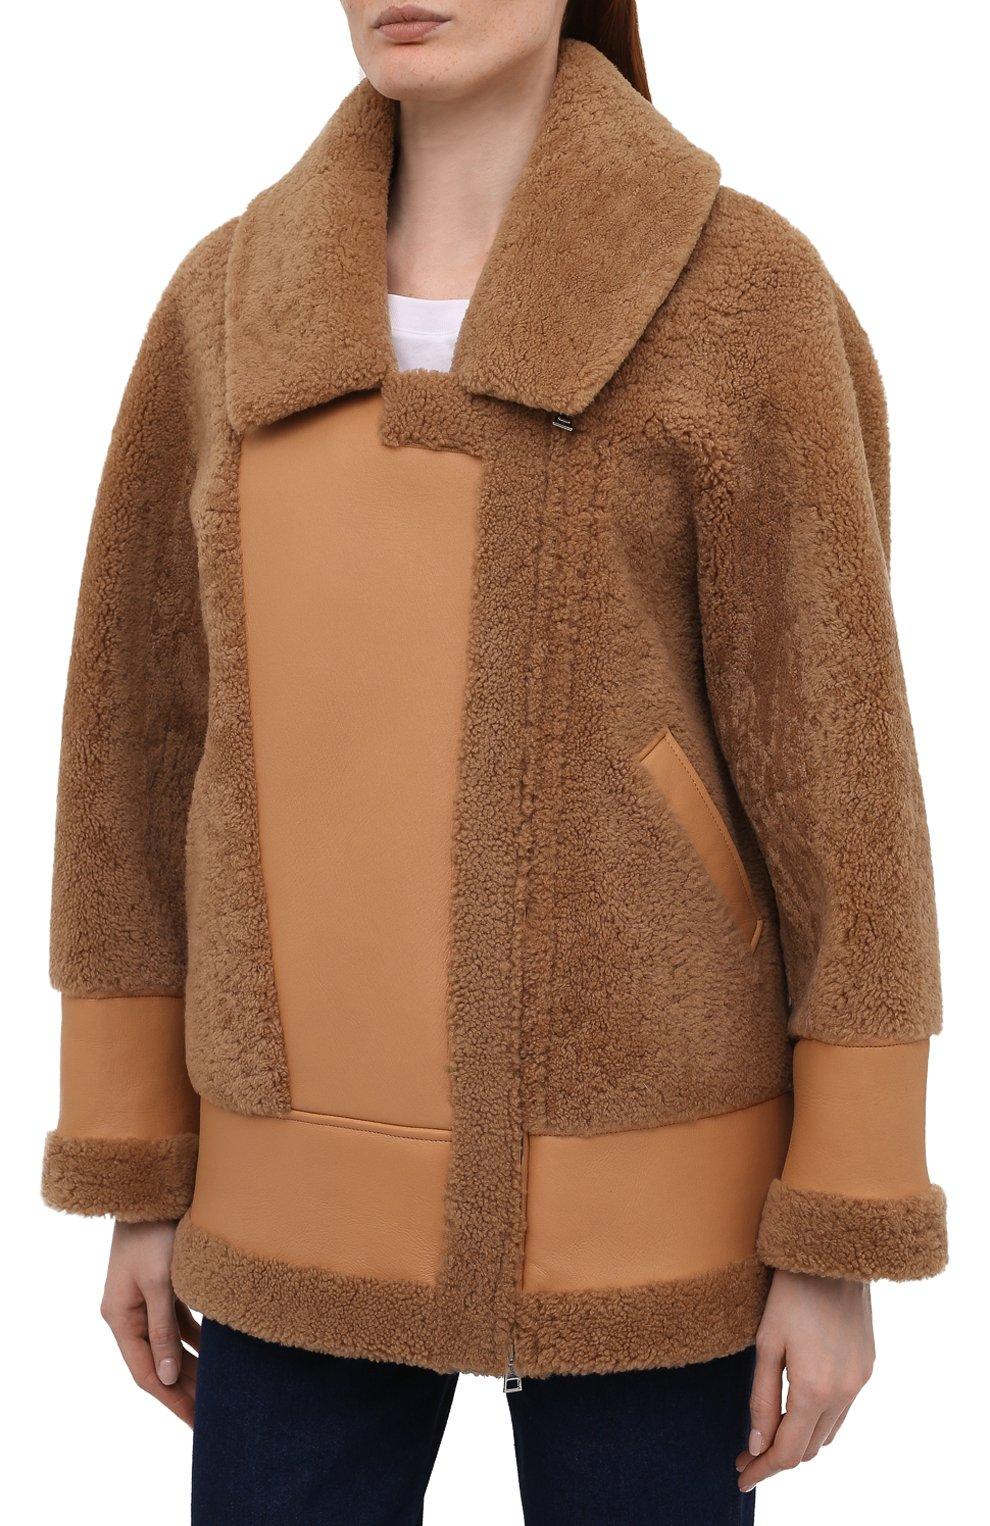 Женская дубленка BLANCHA коричневого цвета, арт. 21047/302/42/VAR. CAMMELL0   Фото 3 (Рукава: Длинные; Стили: Гламурный; Материал внешний: Натуральный мех; Длина (верхняя одежда): Короткие)